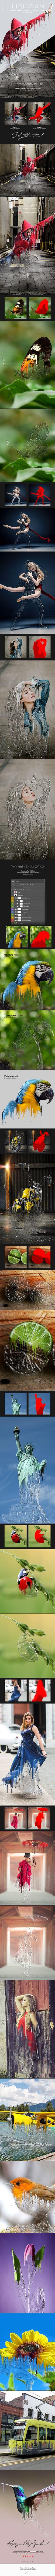 Liquidum - Transparent Painting Photoshop Action - Photo Effects Actions - art techniques.